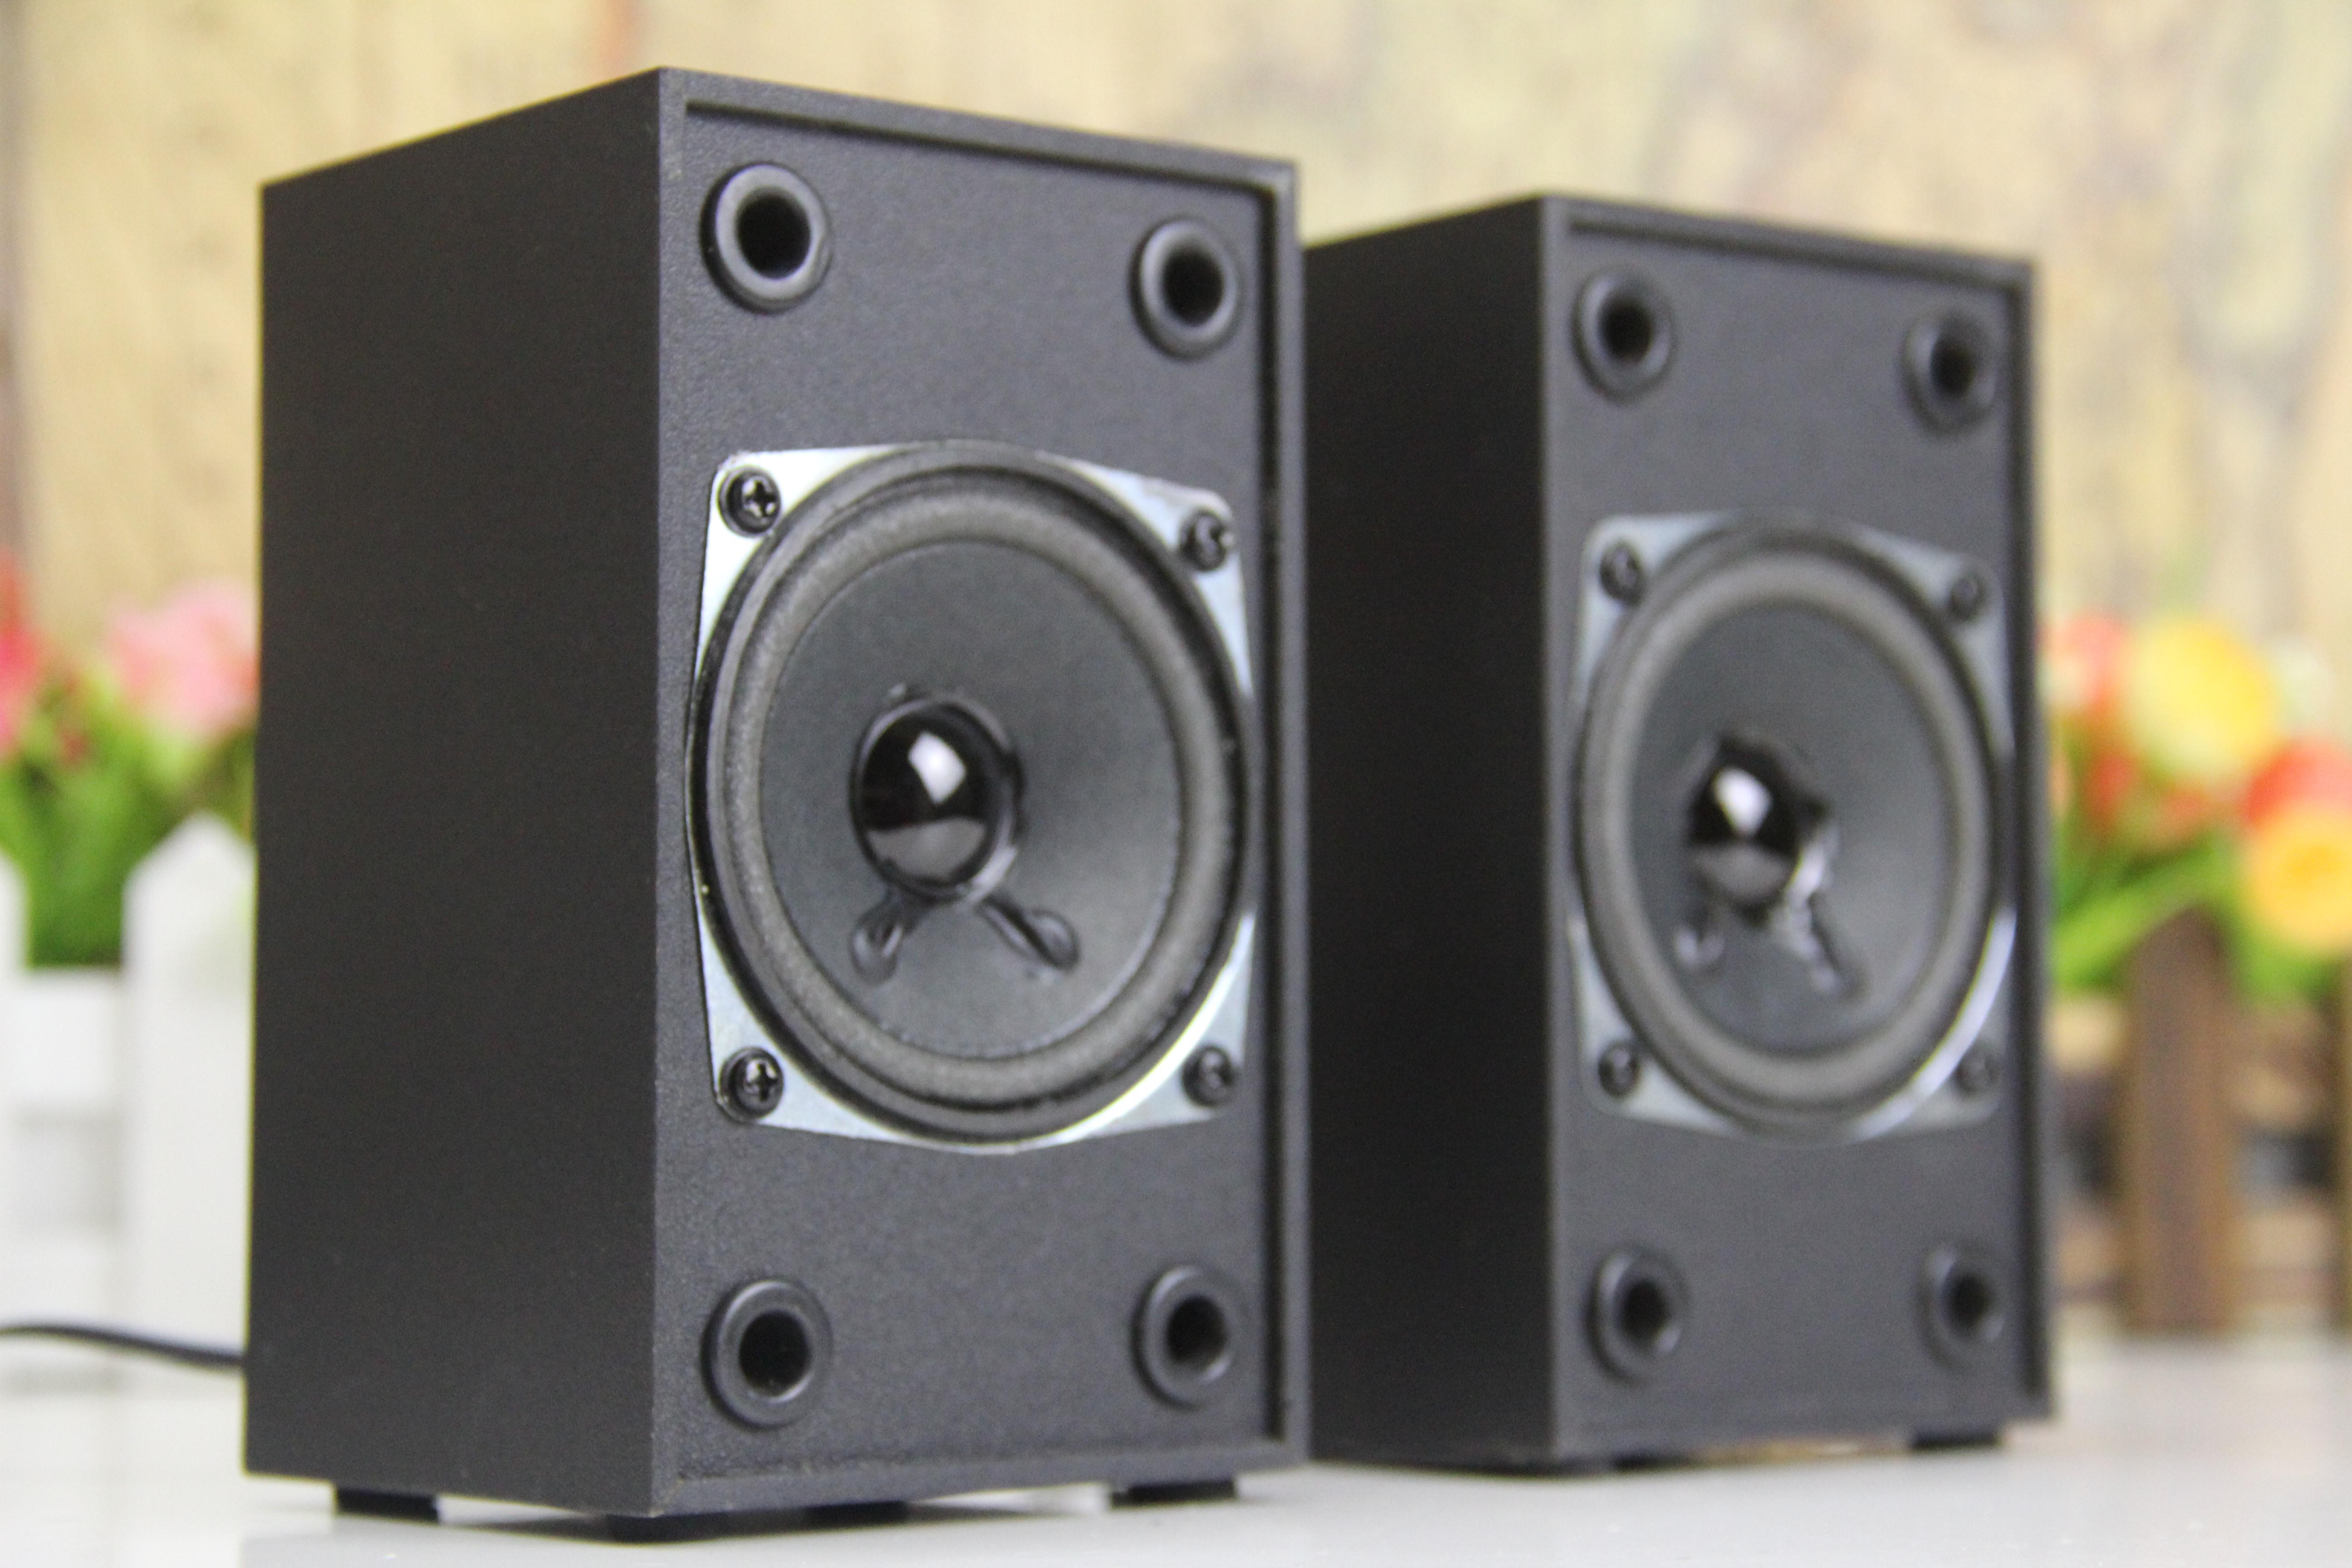 2.1 ораторов заместитель машина desktop мультимедийных пассивных аудио сабвуфер заплатить небольшой громкоговоритель мини - оратор коробка